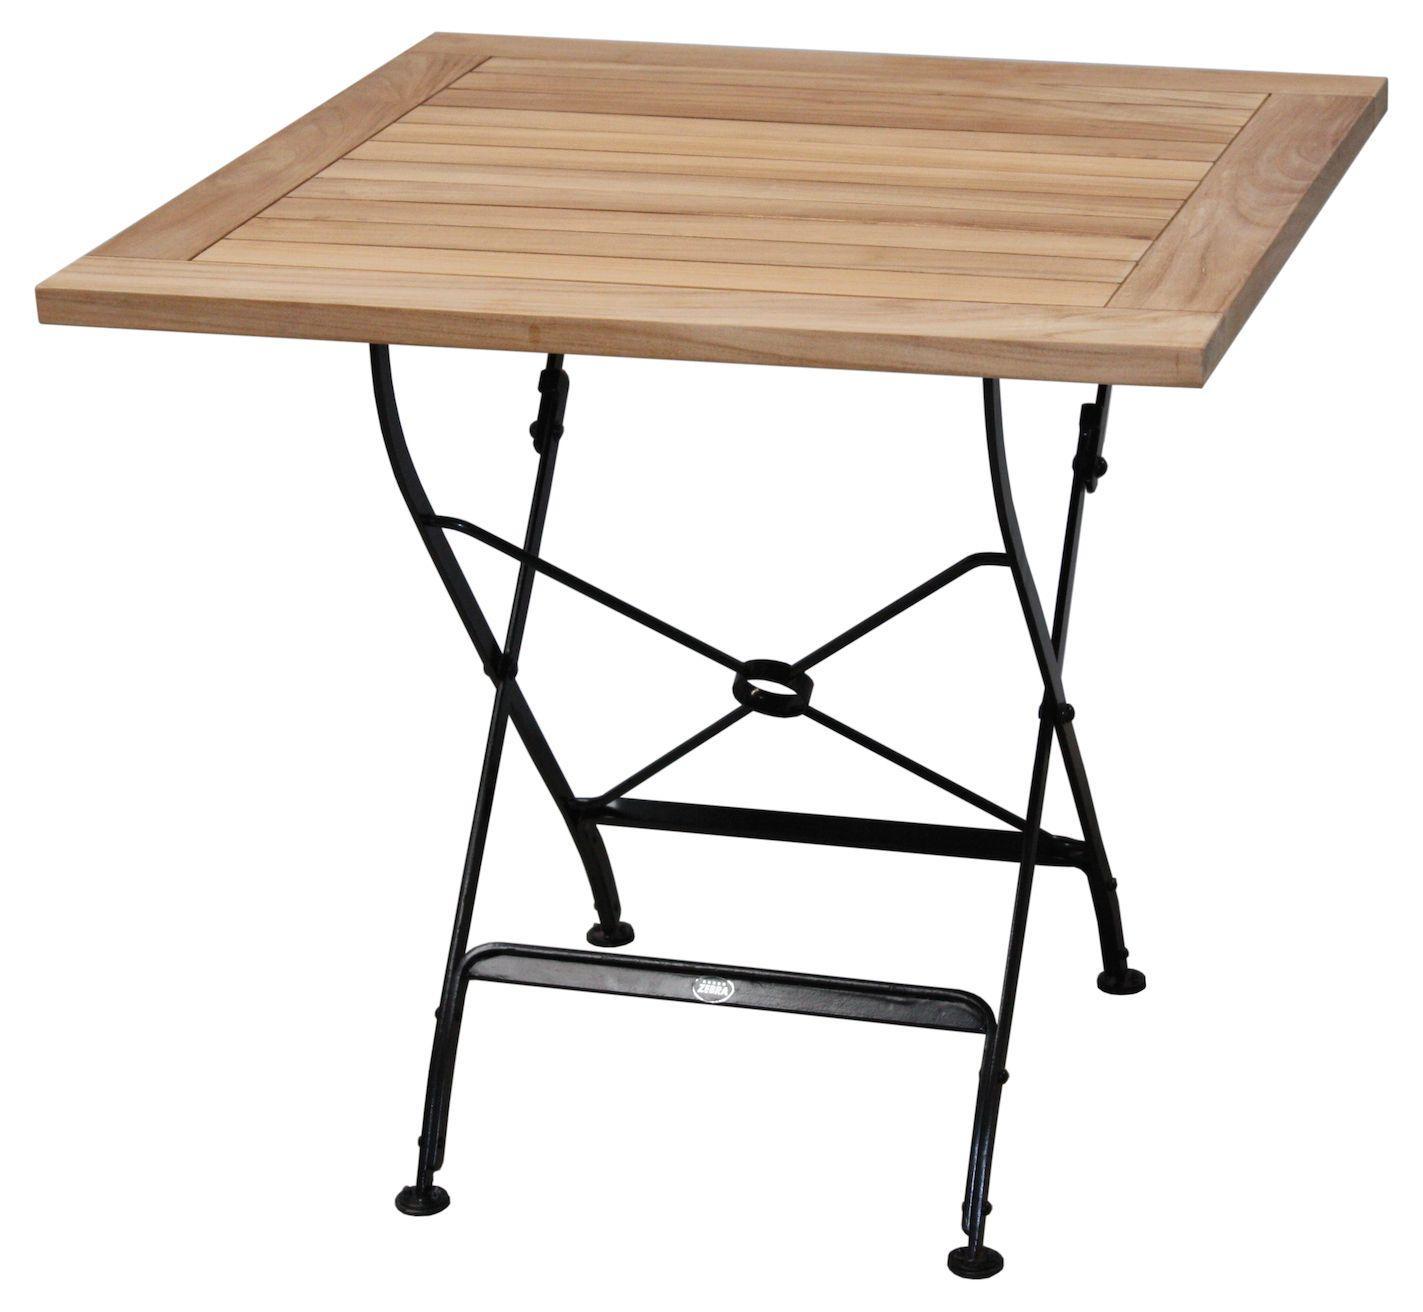 Gartentisch Holz Metall Quadratisch